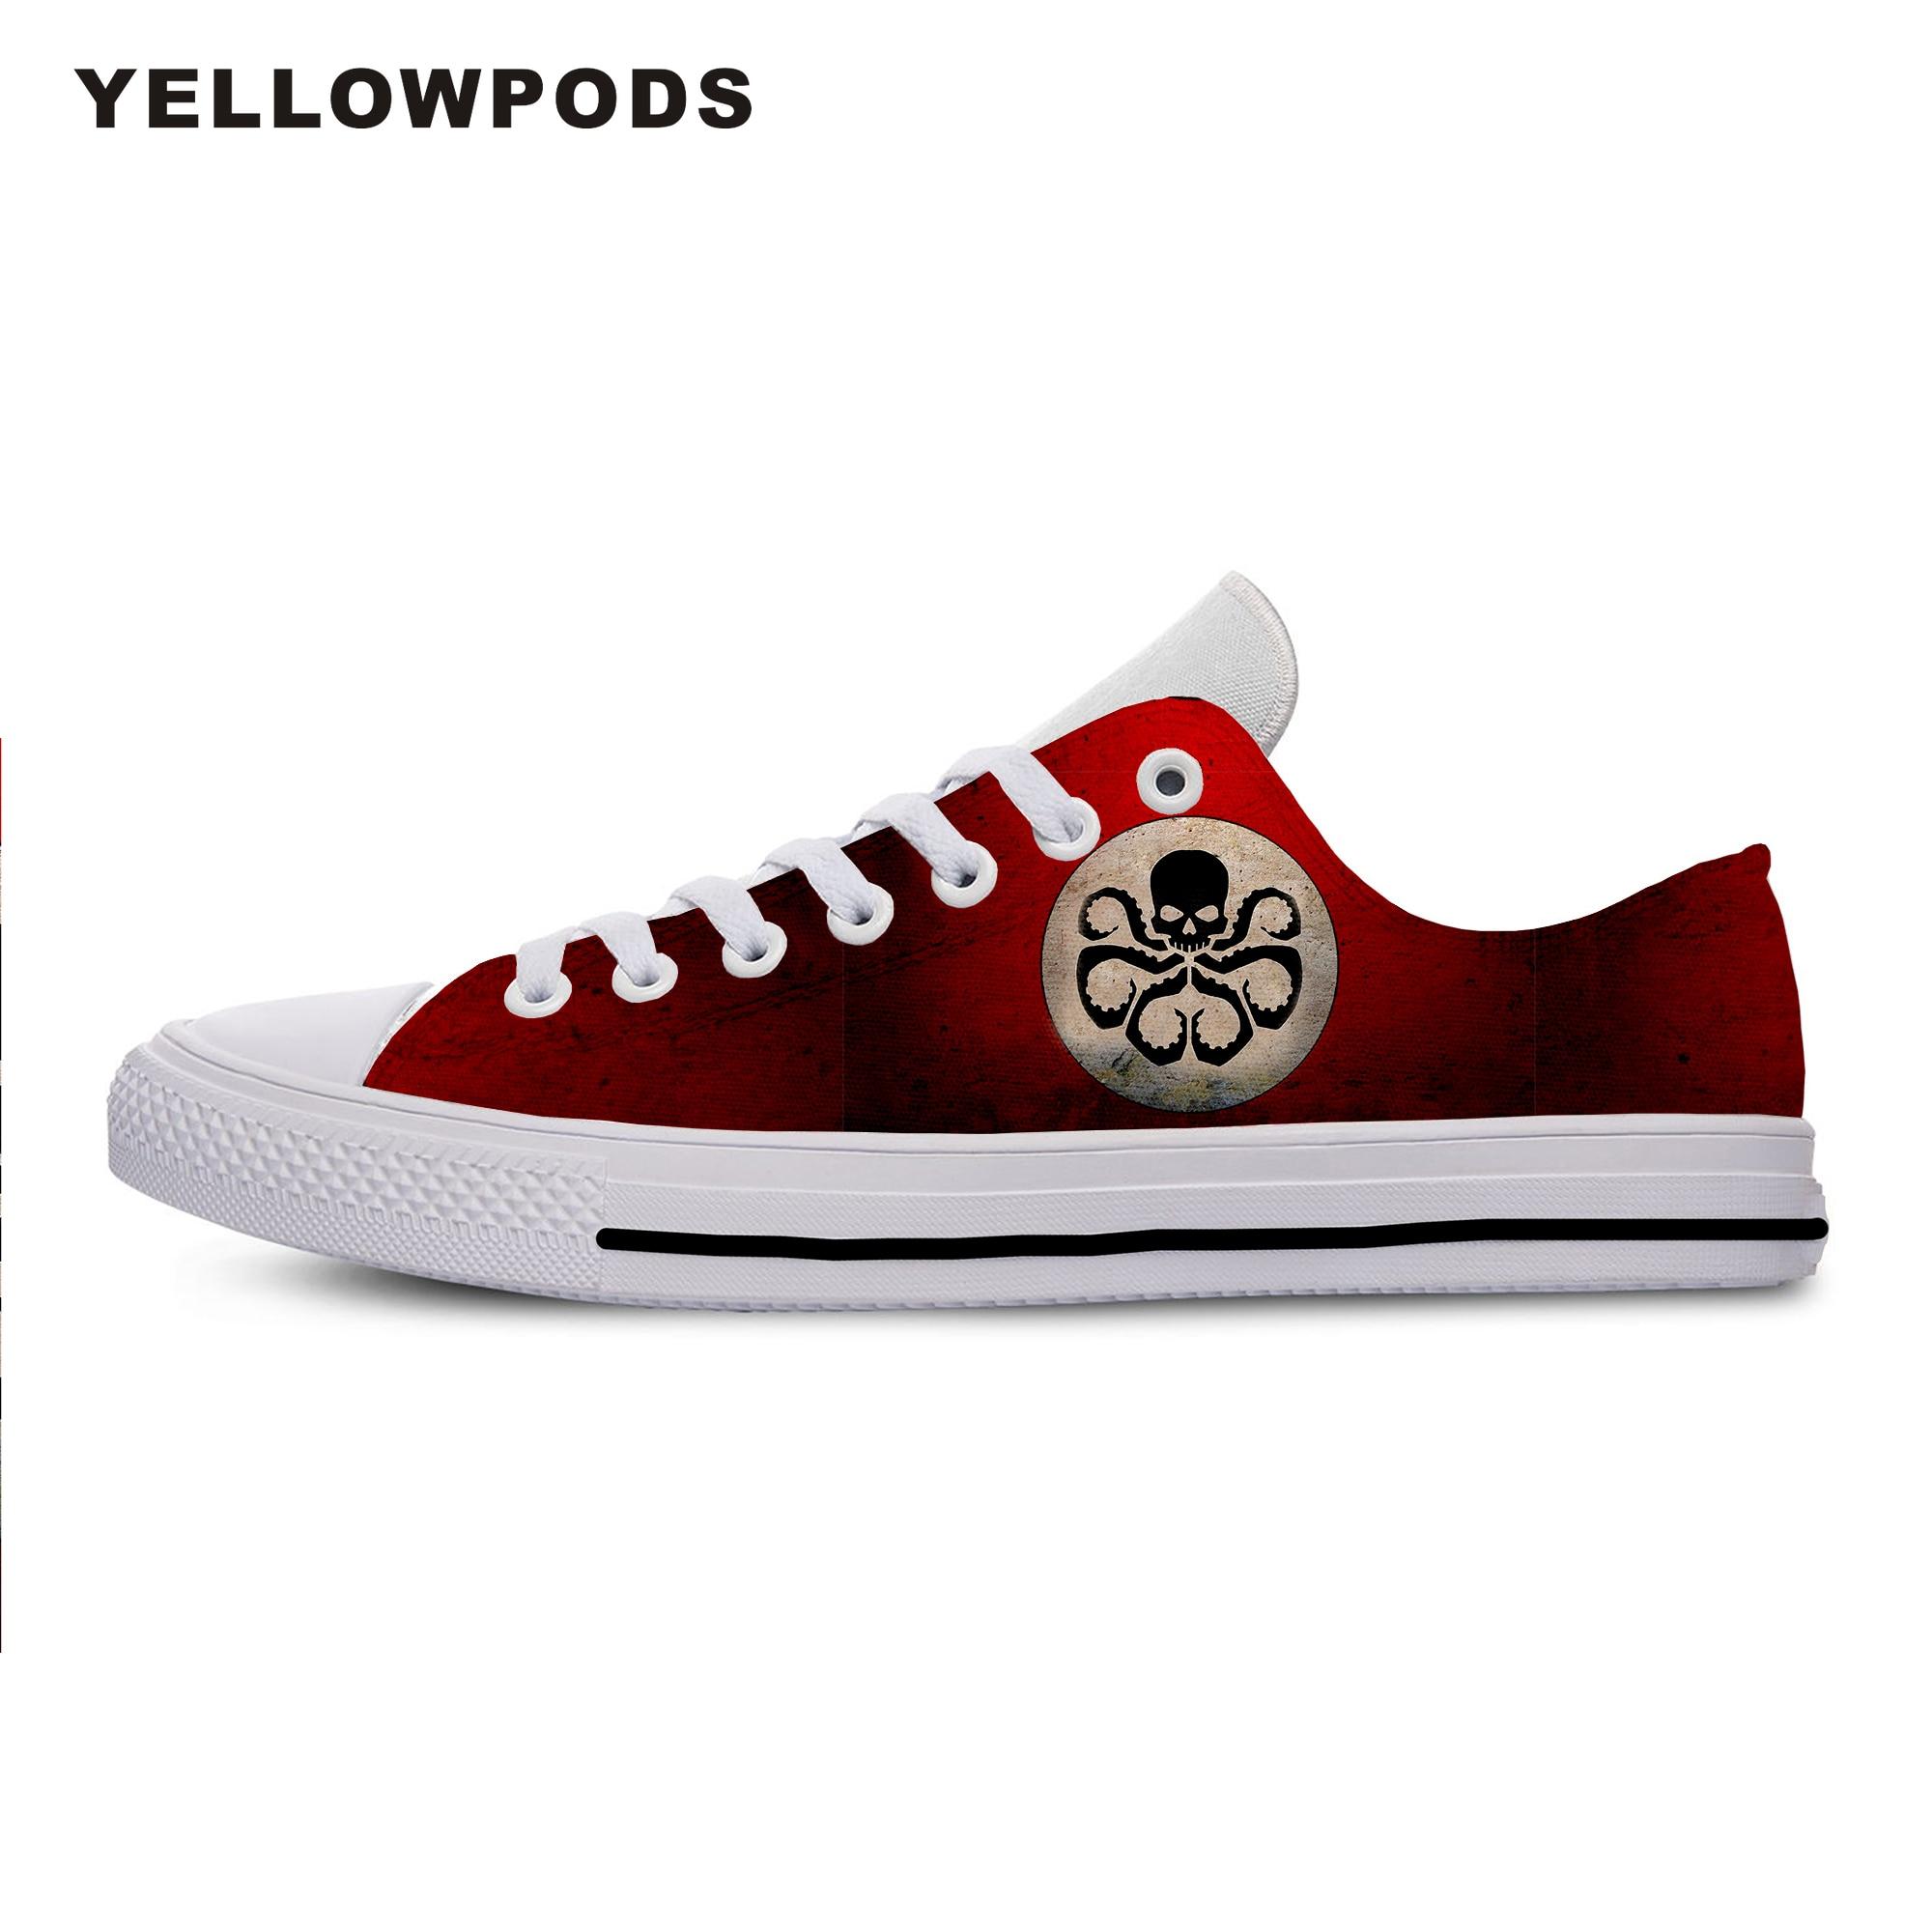 Zapatos informales para hombre, moda hidra de granizo, cómic de Marvel, superhéroe de Capitán América, buena impresión personalizada, pareja de imágenes, zapatos